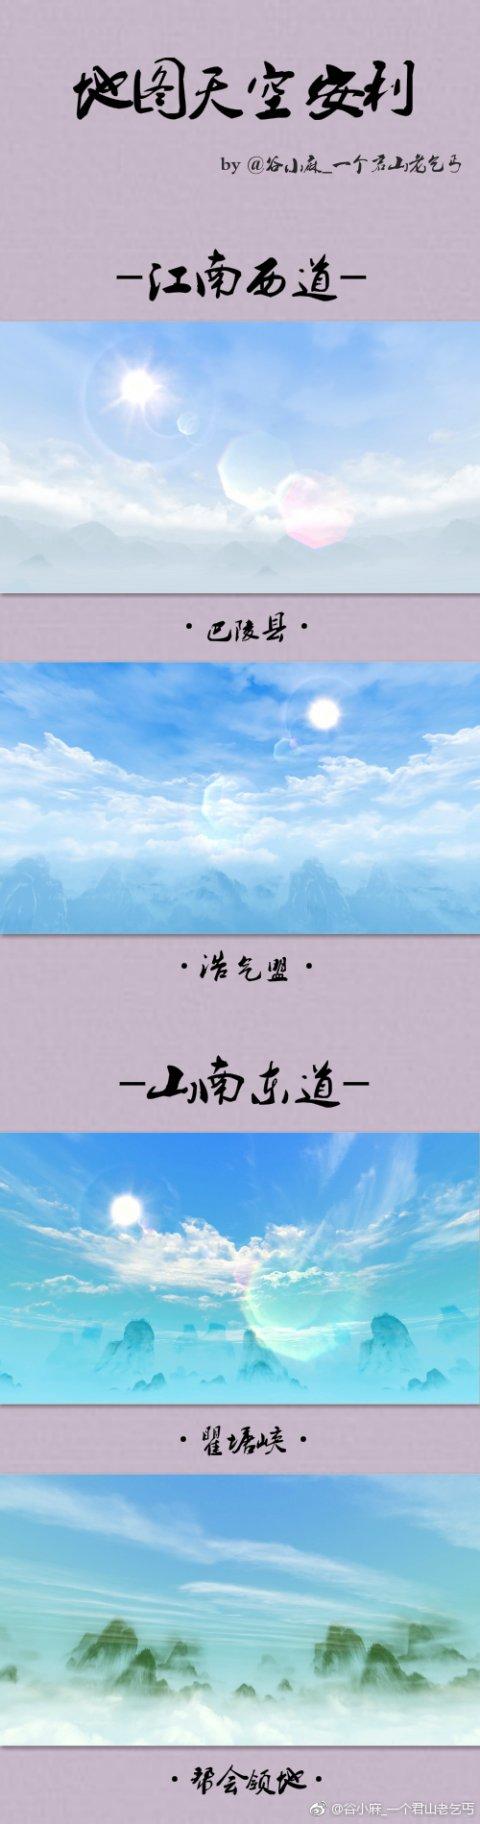 天空合集.jpg